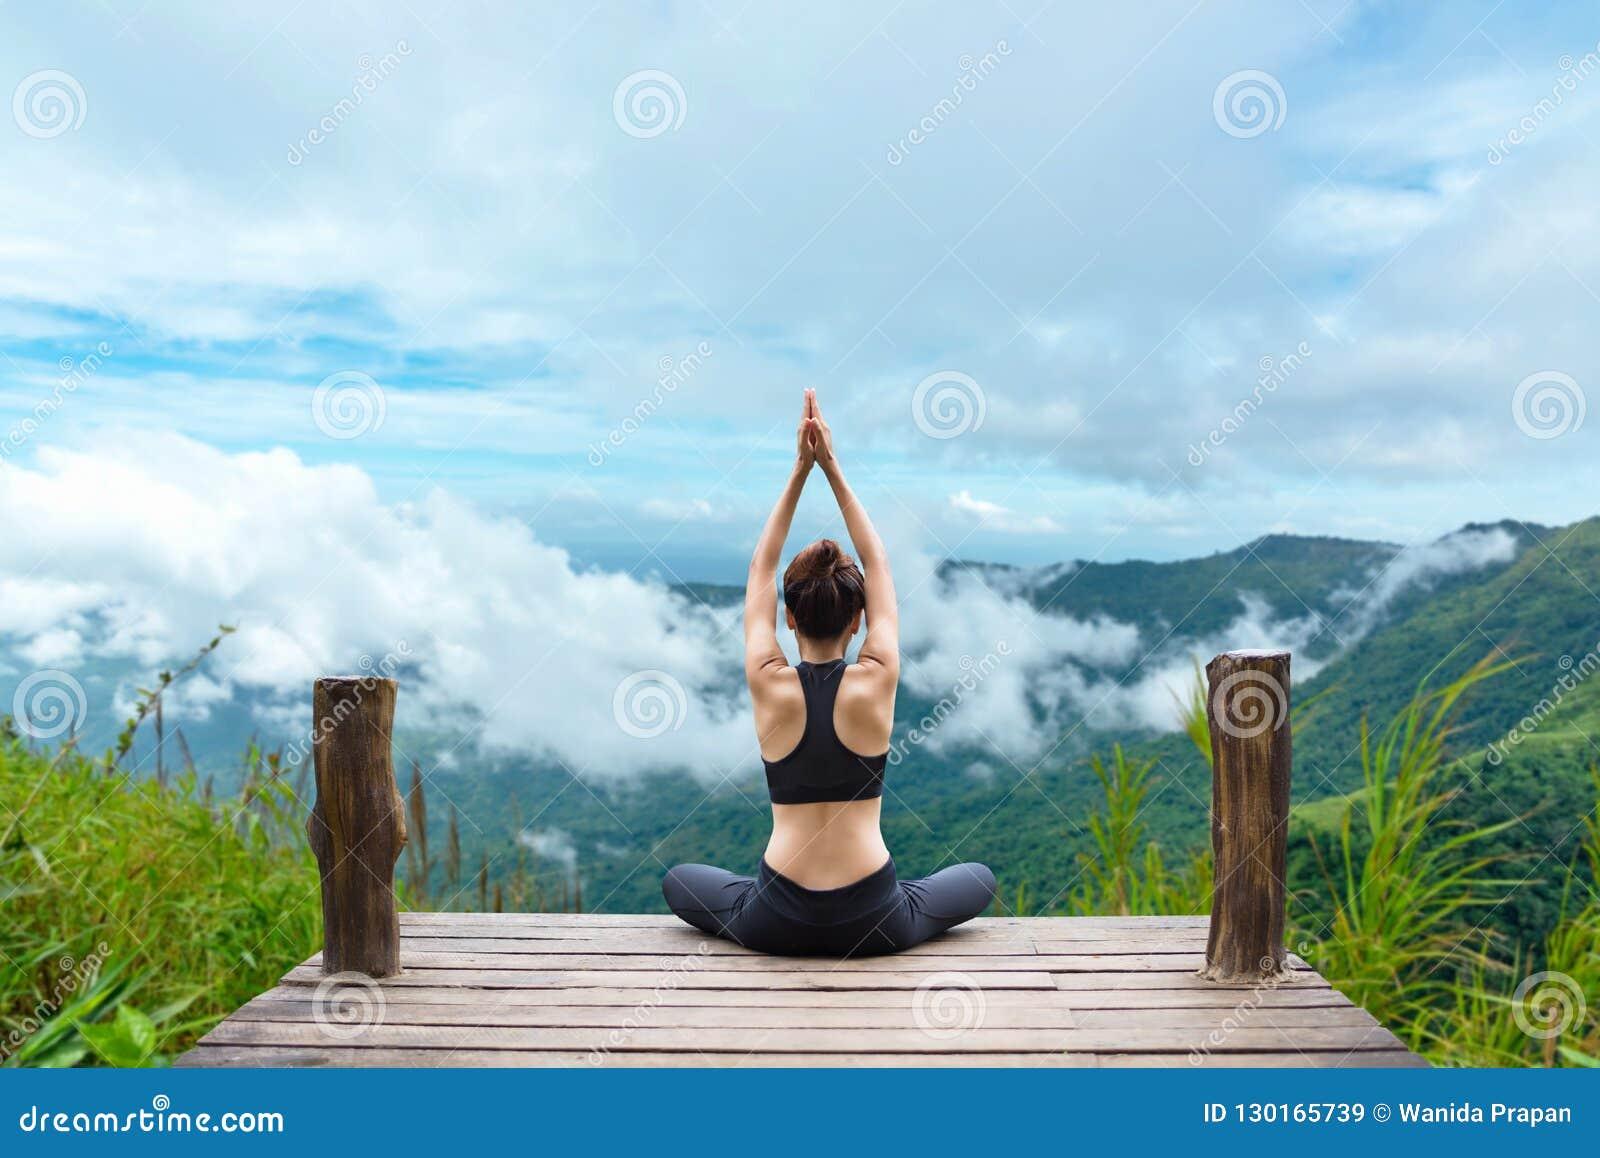 Ο υγιής τρόπος ζωής γυναικών ισορρόπησε την άσκηση meditate και zen την ενεργειακή γιόγκα στη γέφυρα το πρωί της φύσης βουνών